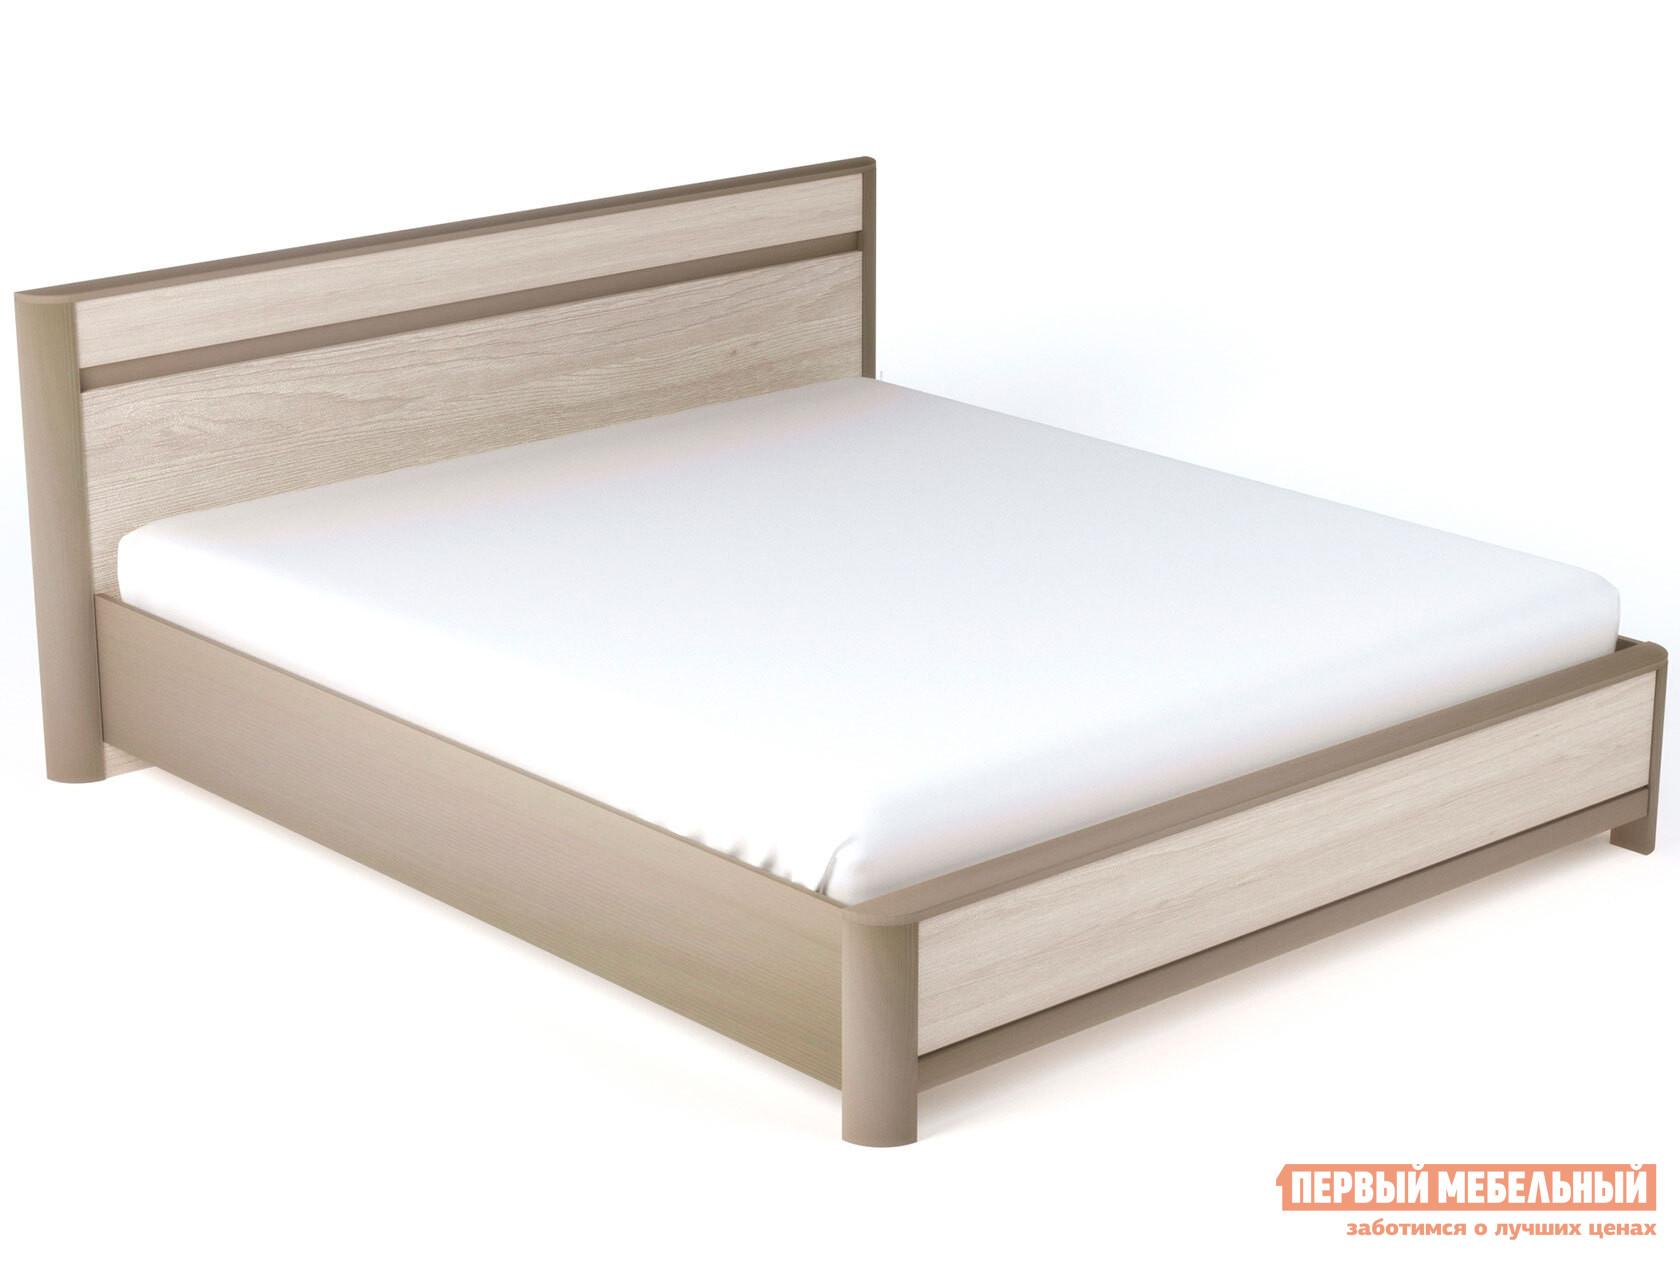 Двуспальная кровать Первый Мебельный Кровать Лацио NEW двуспальная кровать орматек como 7